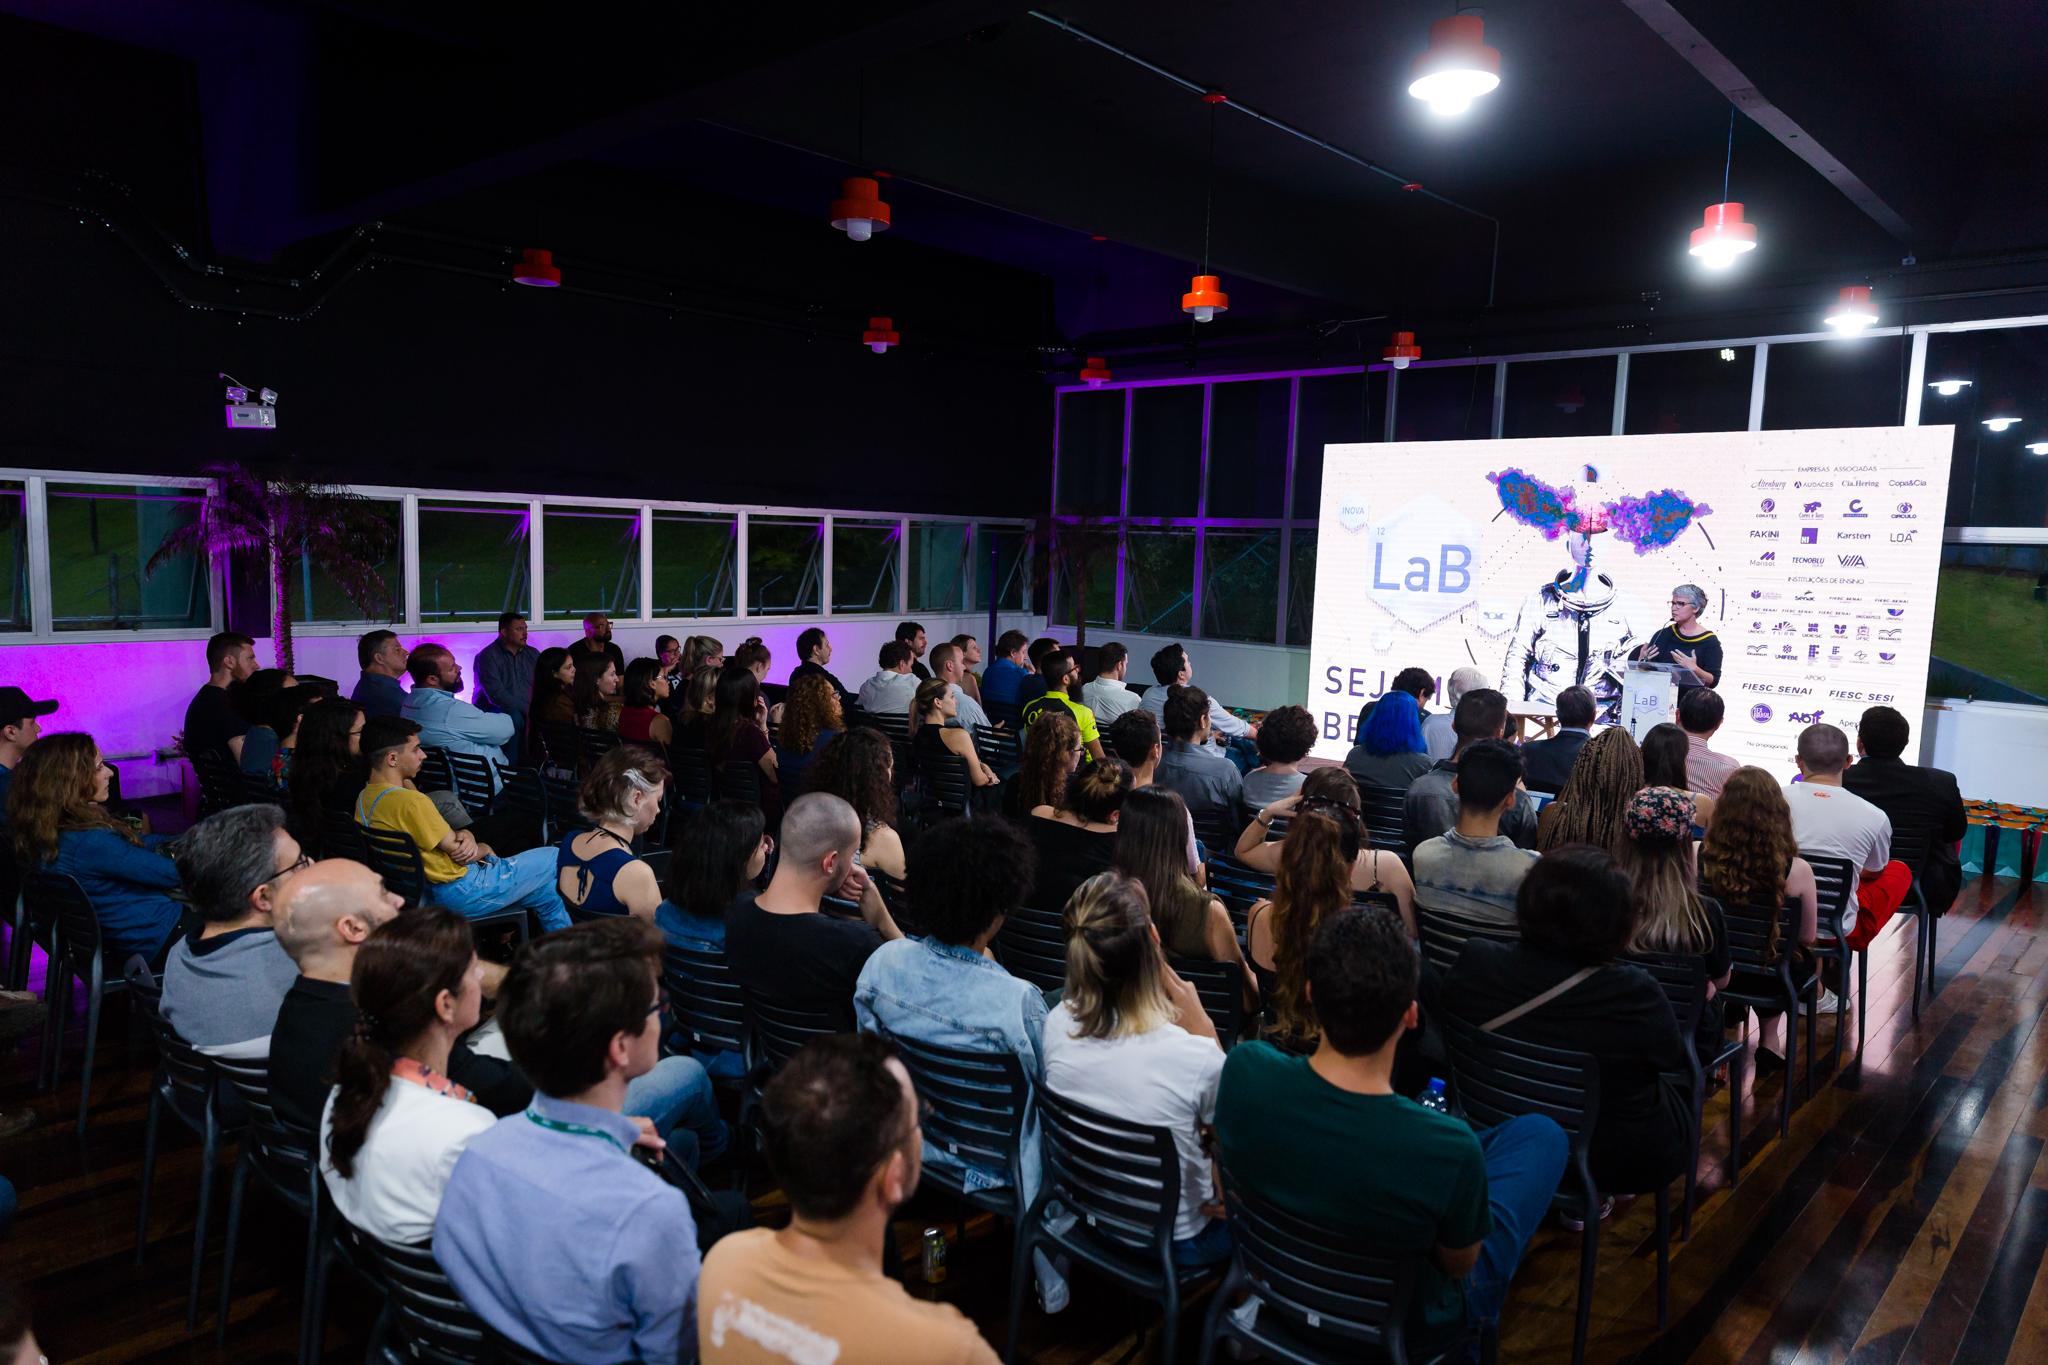 SCMC sedia evento que pensa soluções de inovação para indústria da moda